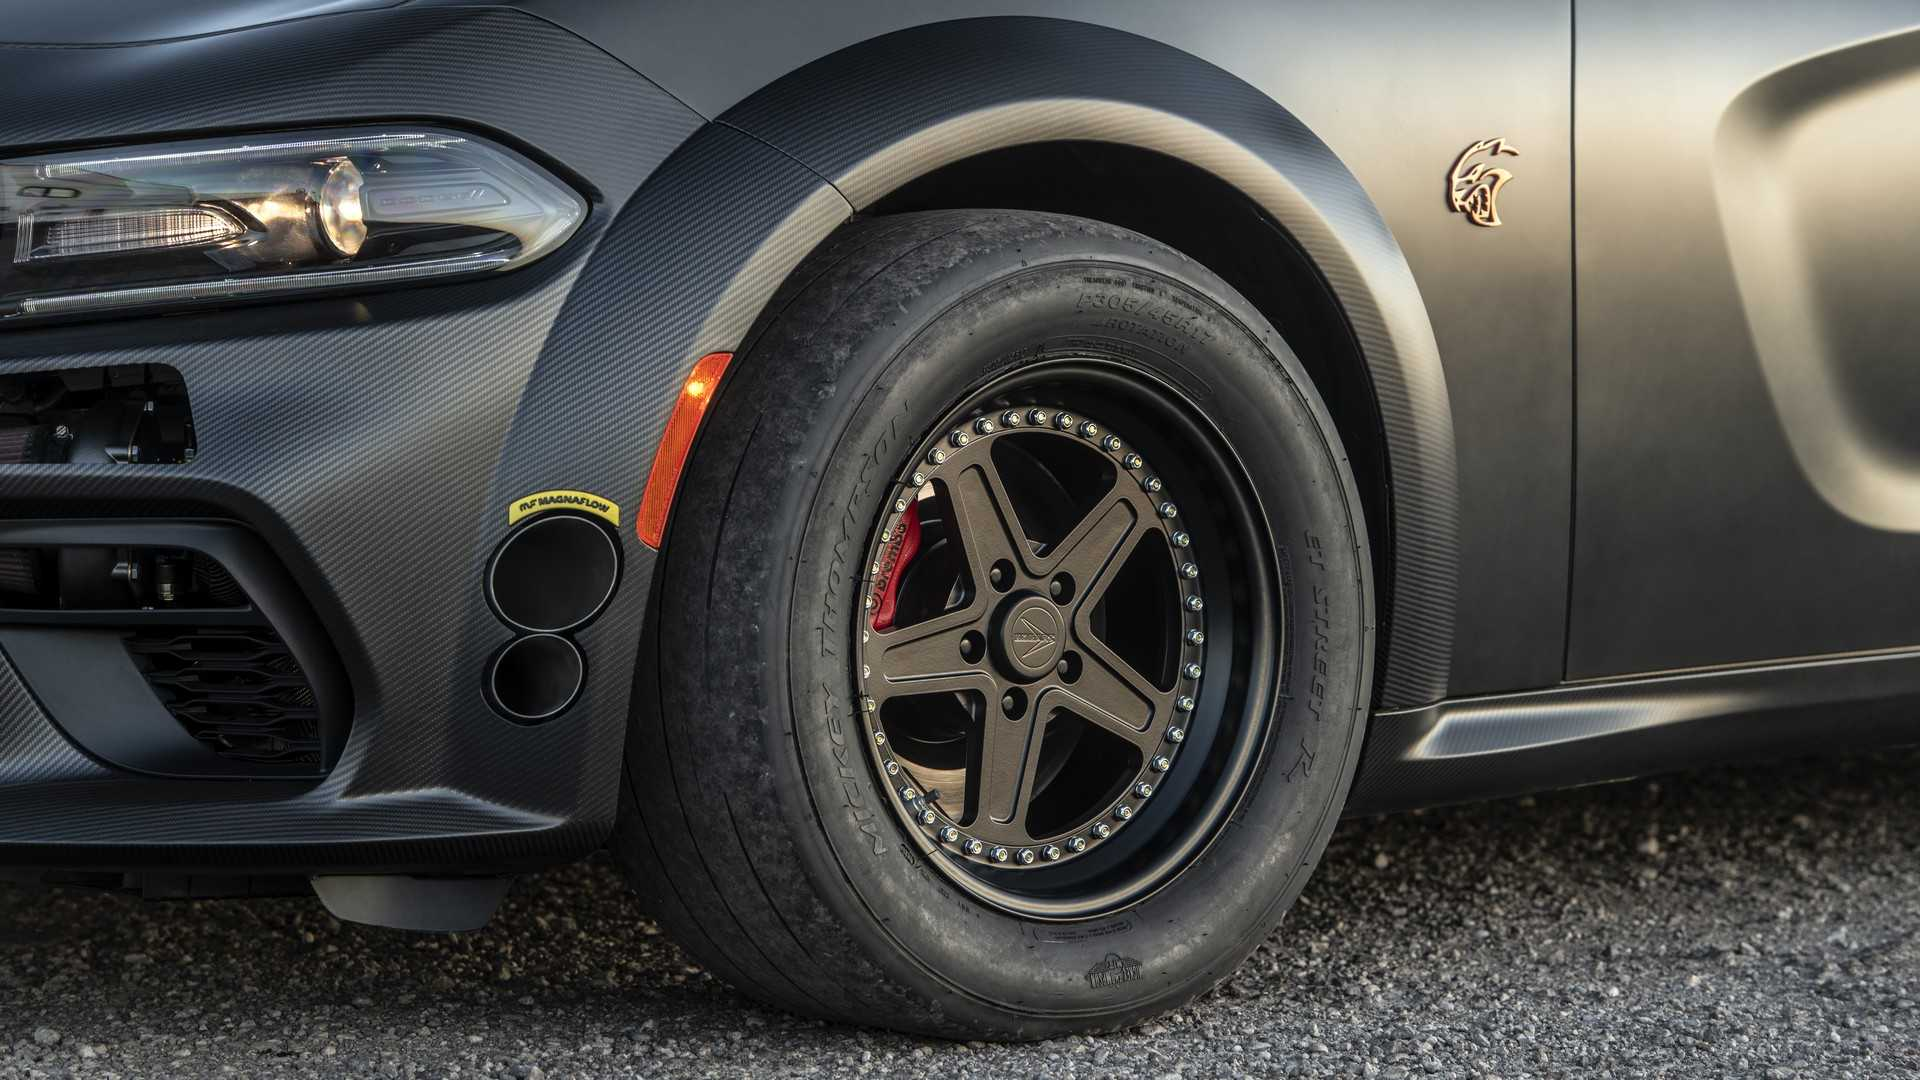 دودج تشارجر معدلة بقوة تضاهي بوجاتي شيرون! SpeedKore-Dodge-Charger-17.jpg